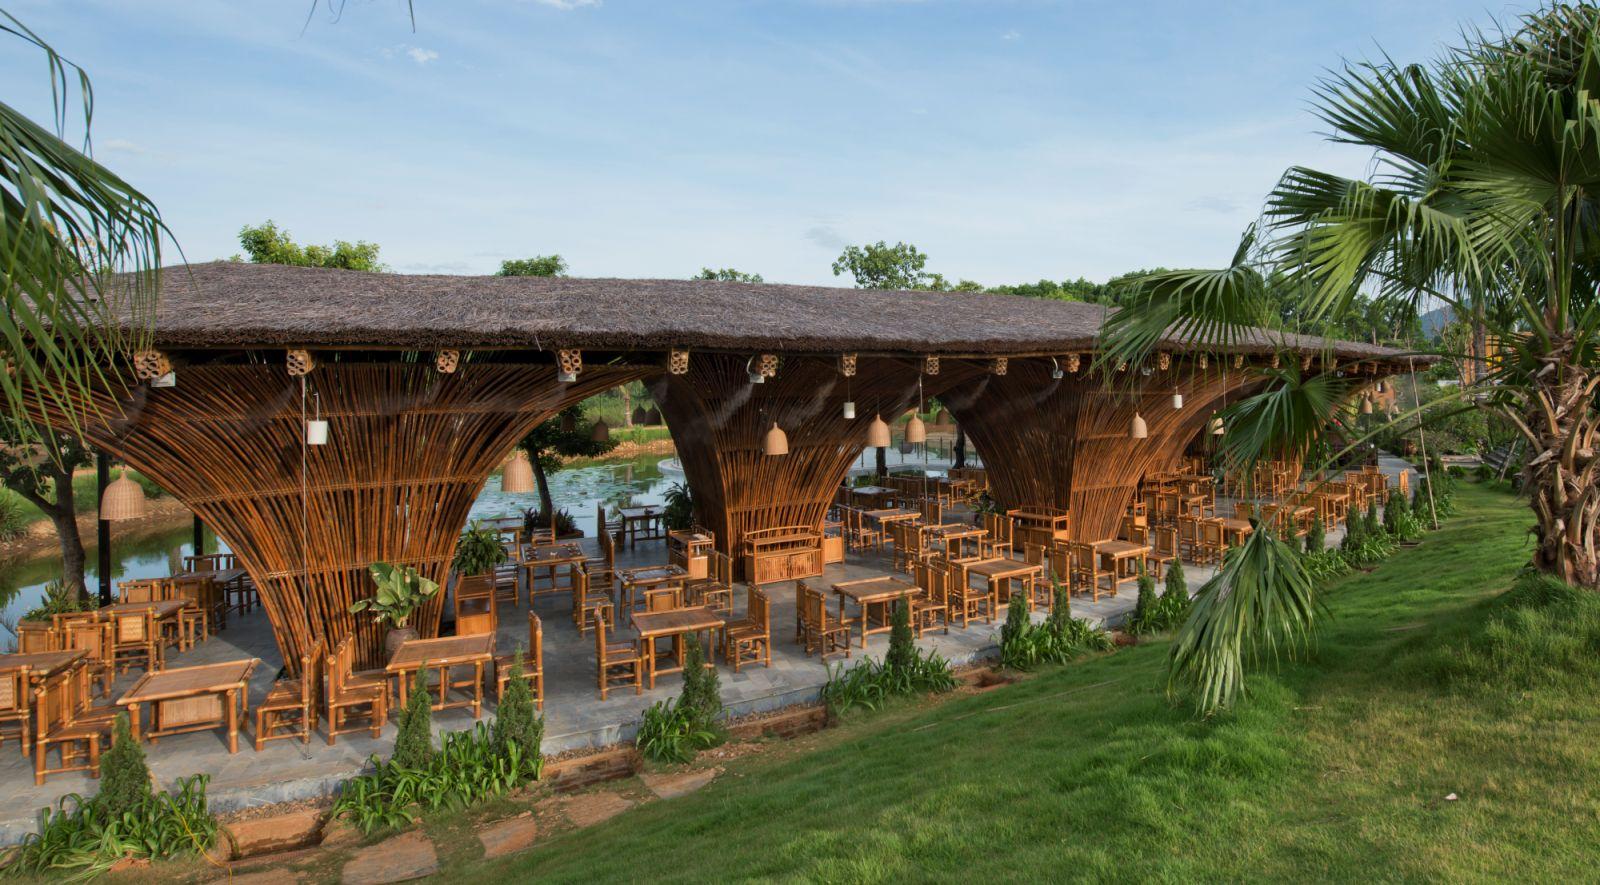 Roc Von Restaurant